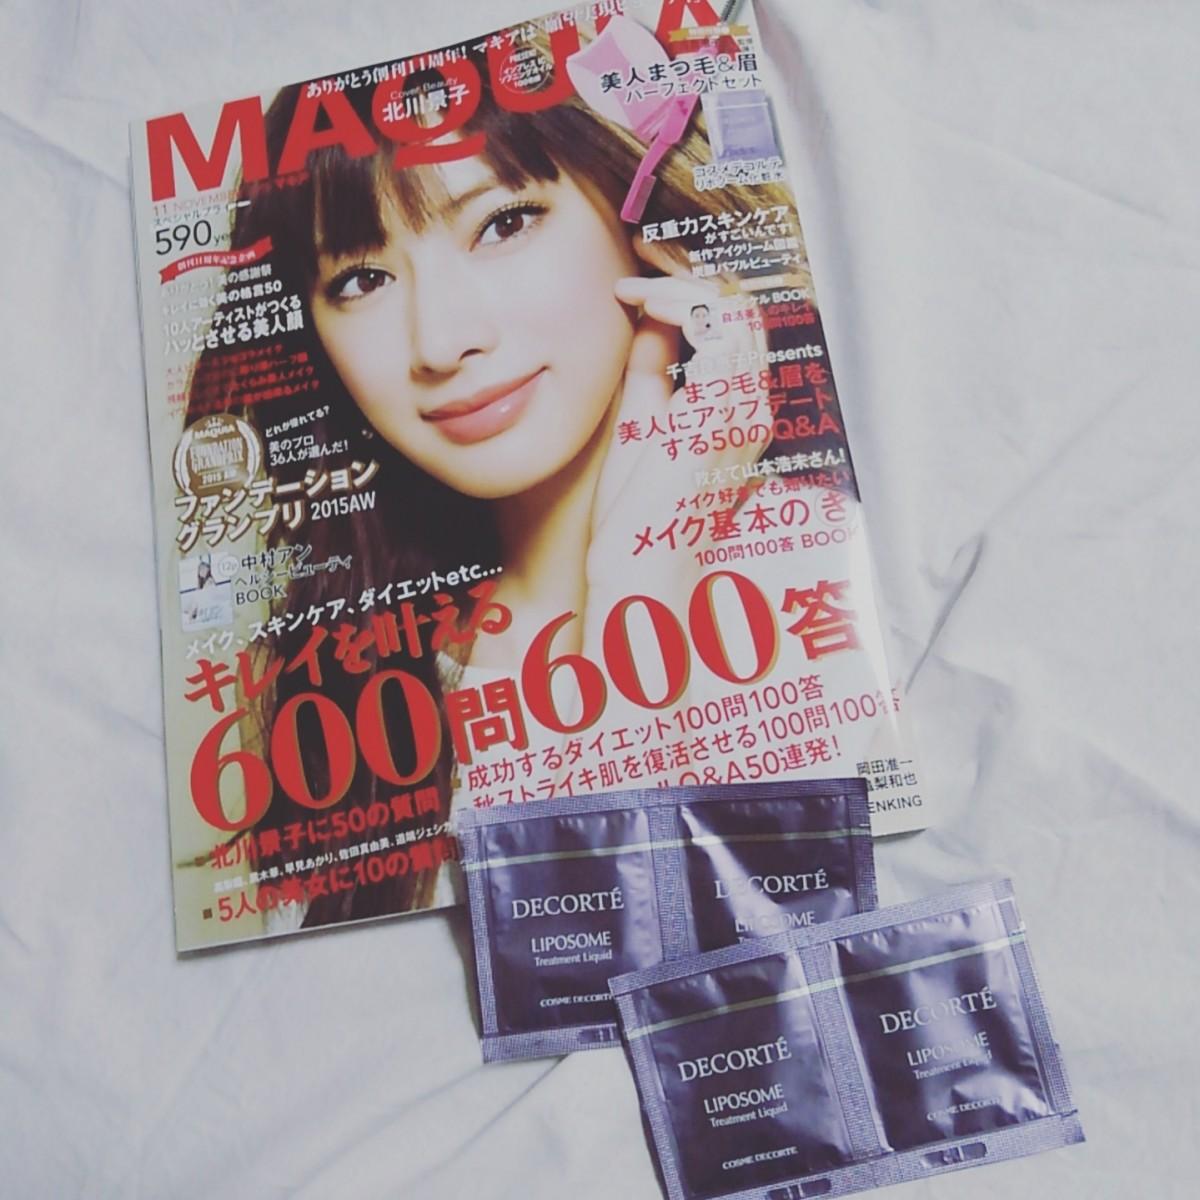 ◆マキア11月号で進化した化粧水をお試し!◆